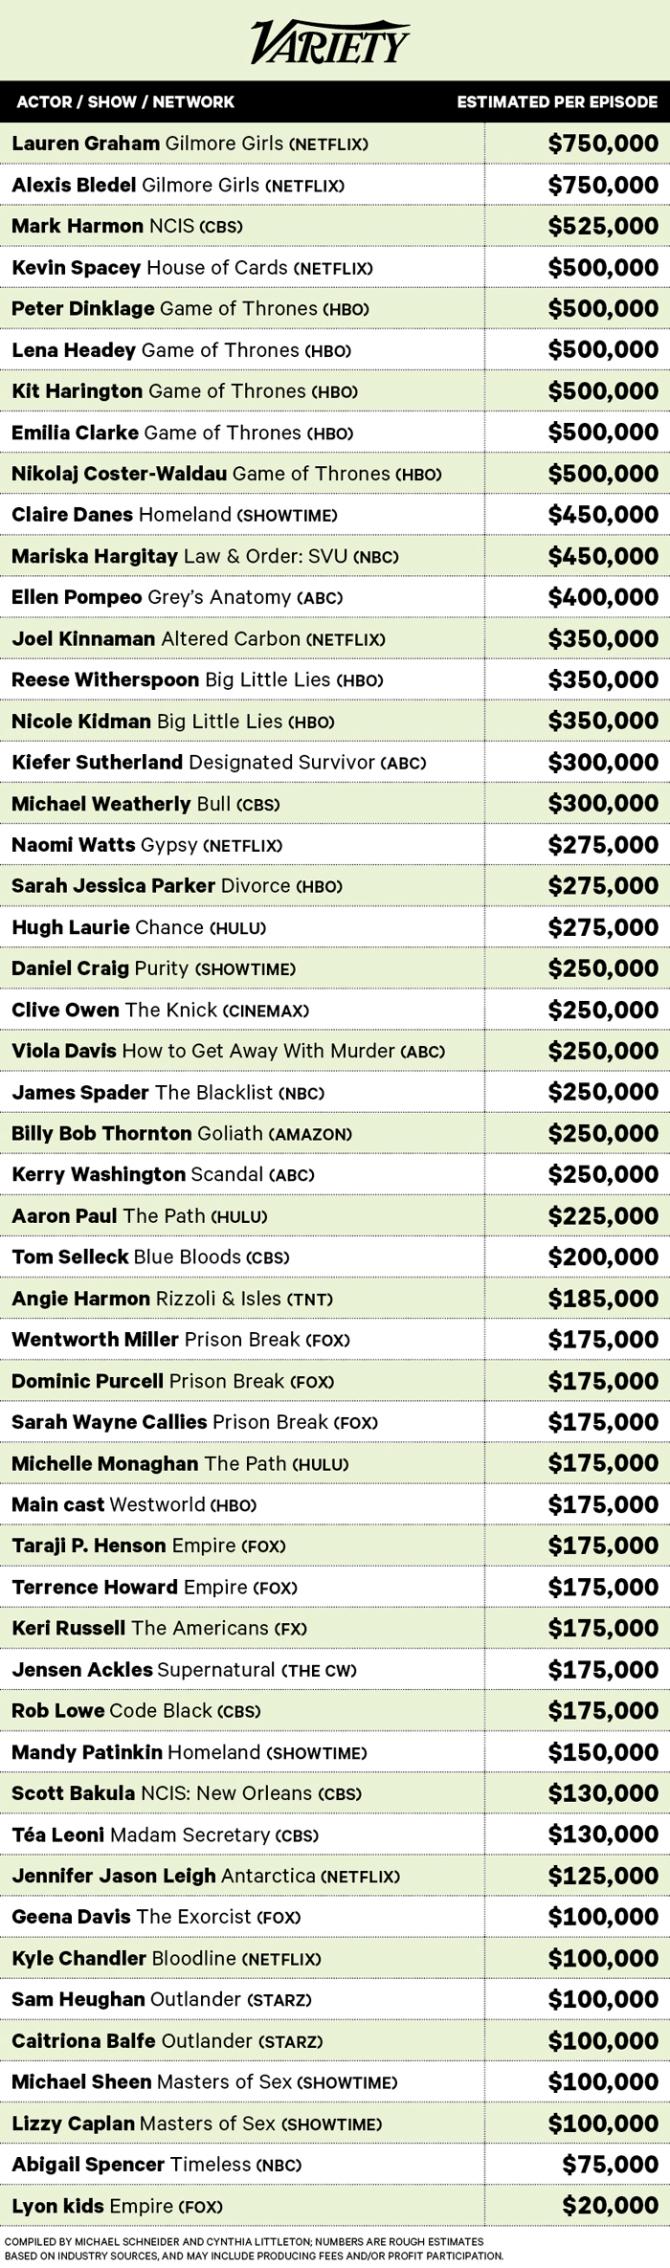 Highest Paid Actors- Drama